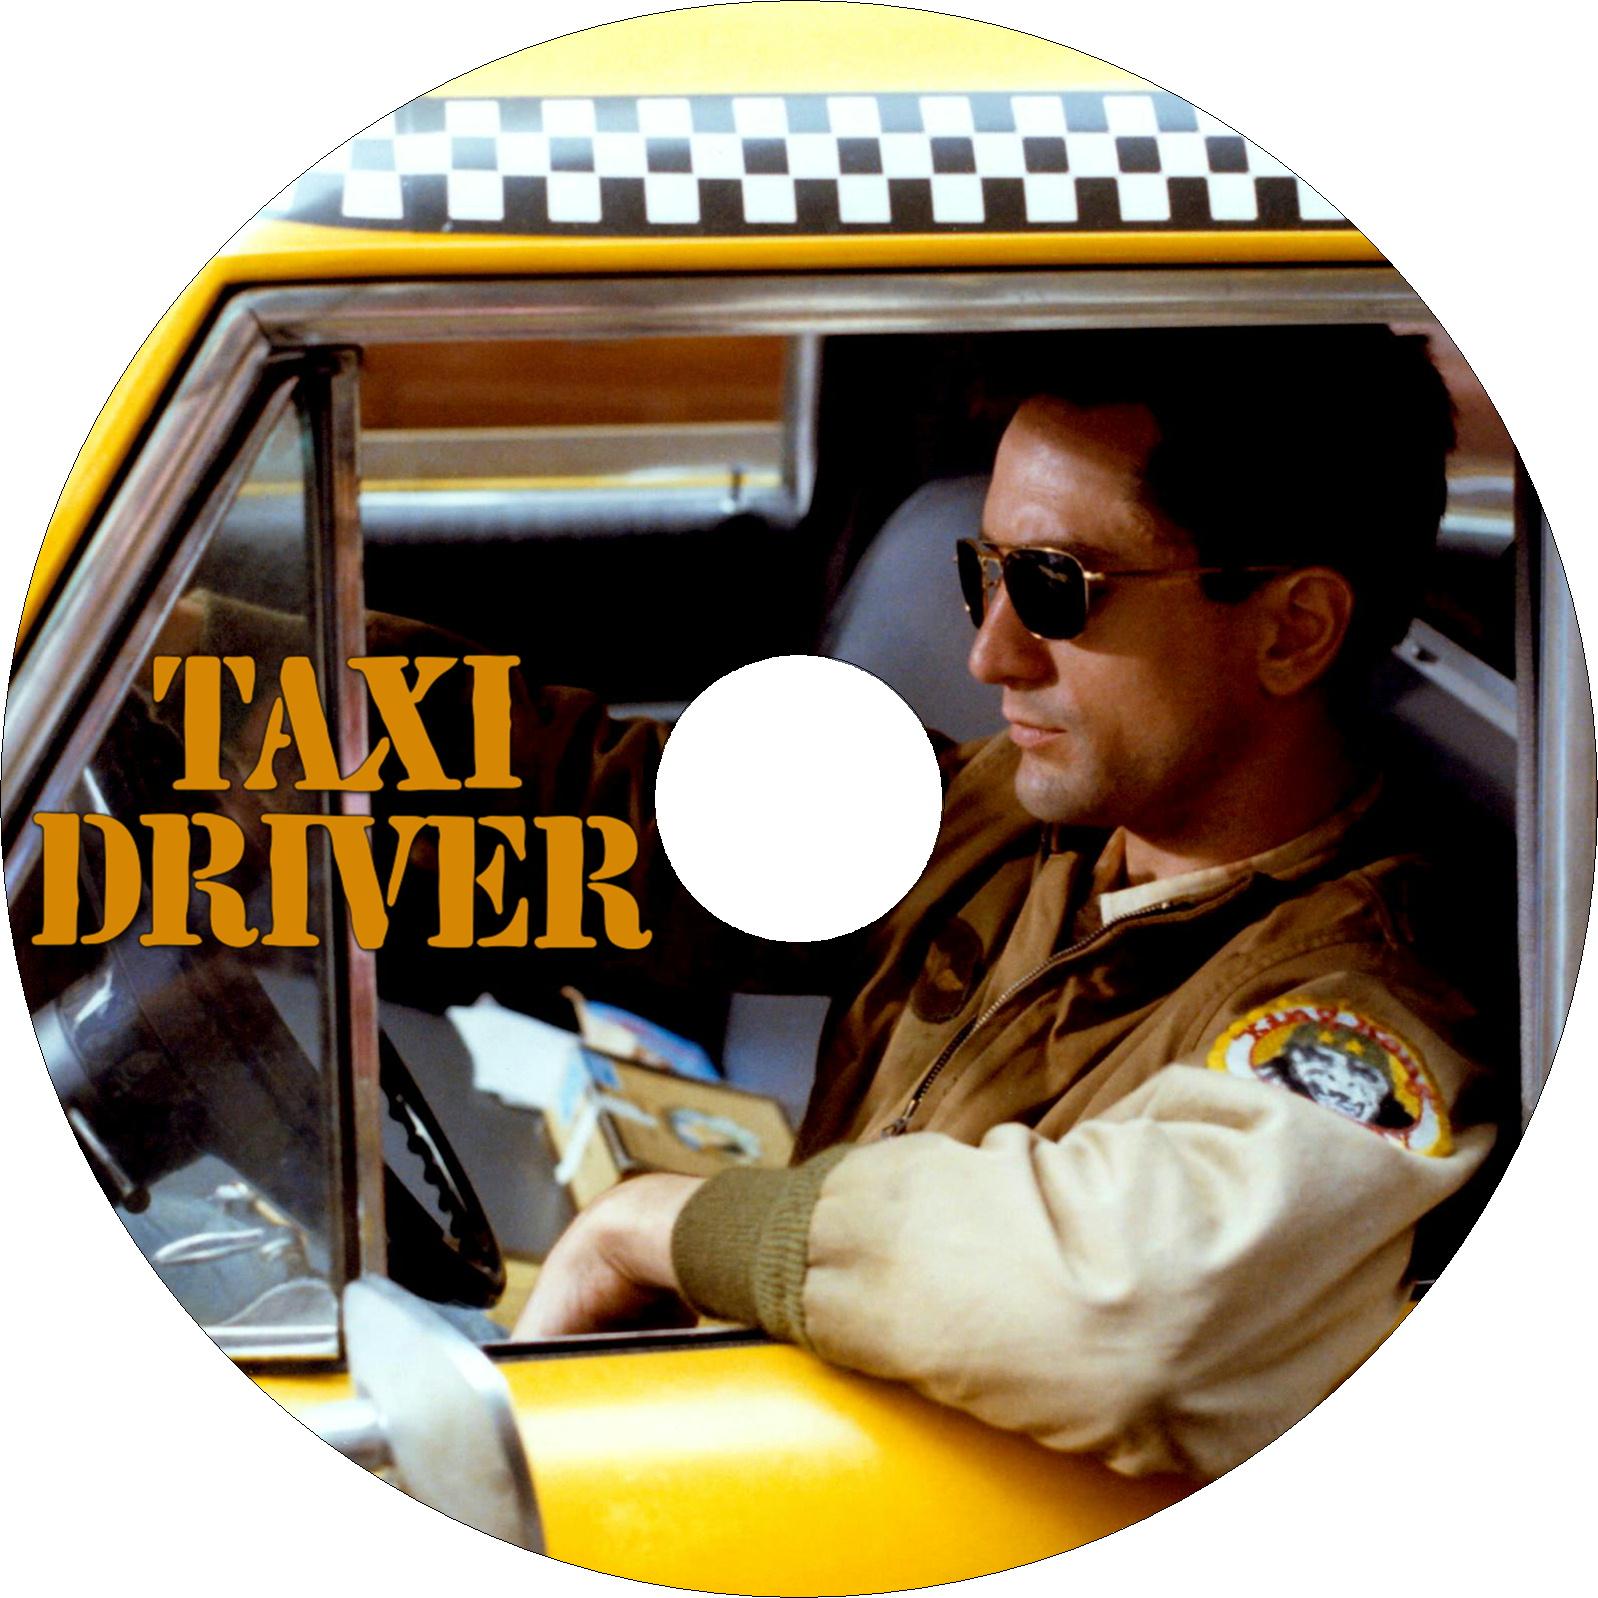 タクシードライバー ラベル2